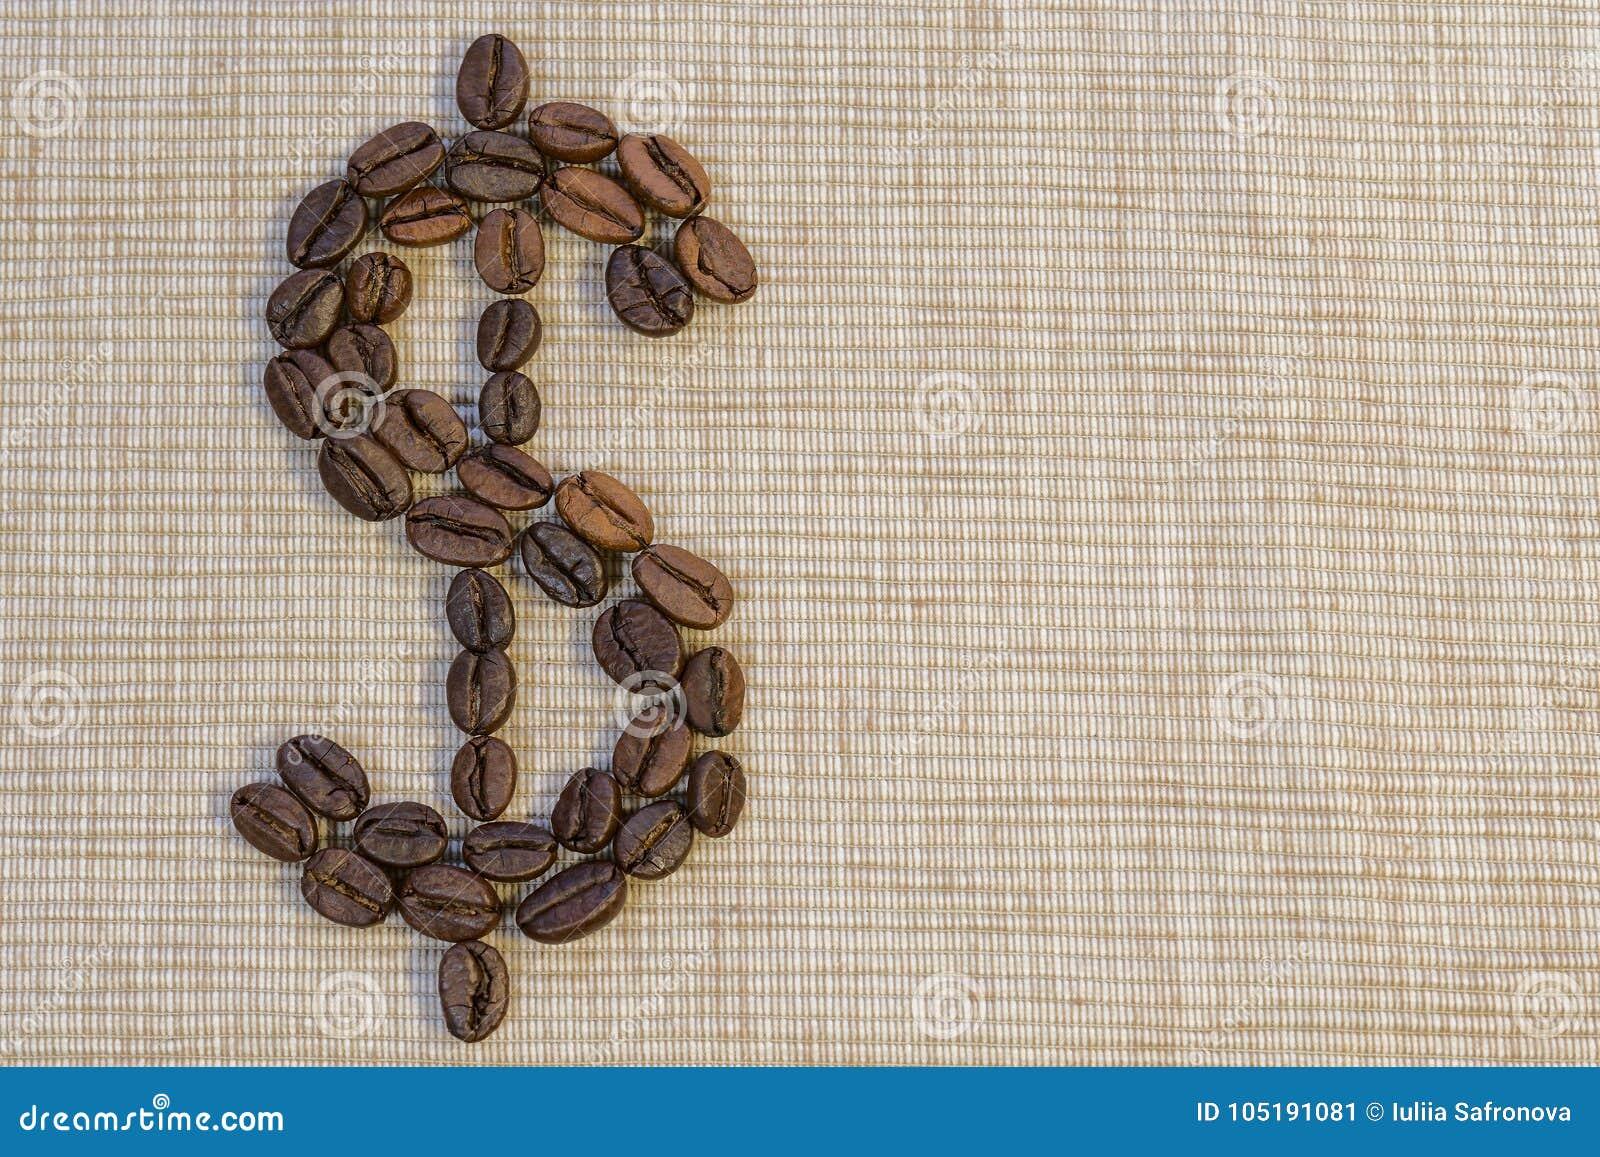 Kaffebönor läggas ut i form av ett dollartecken på en beig